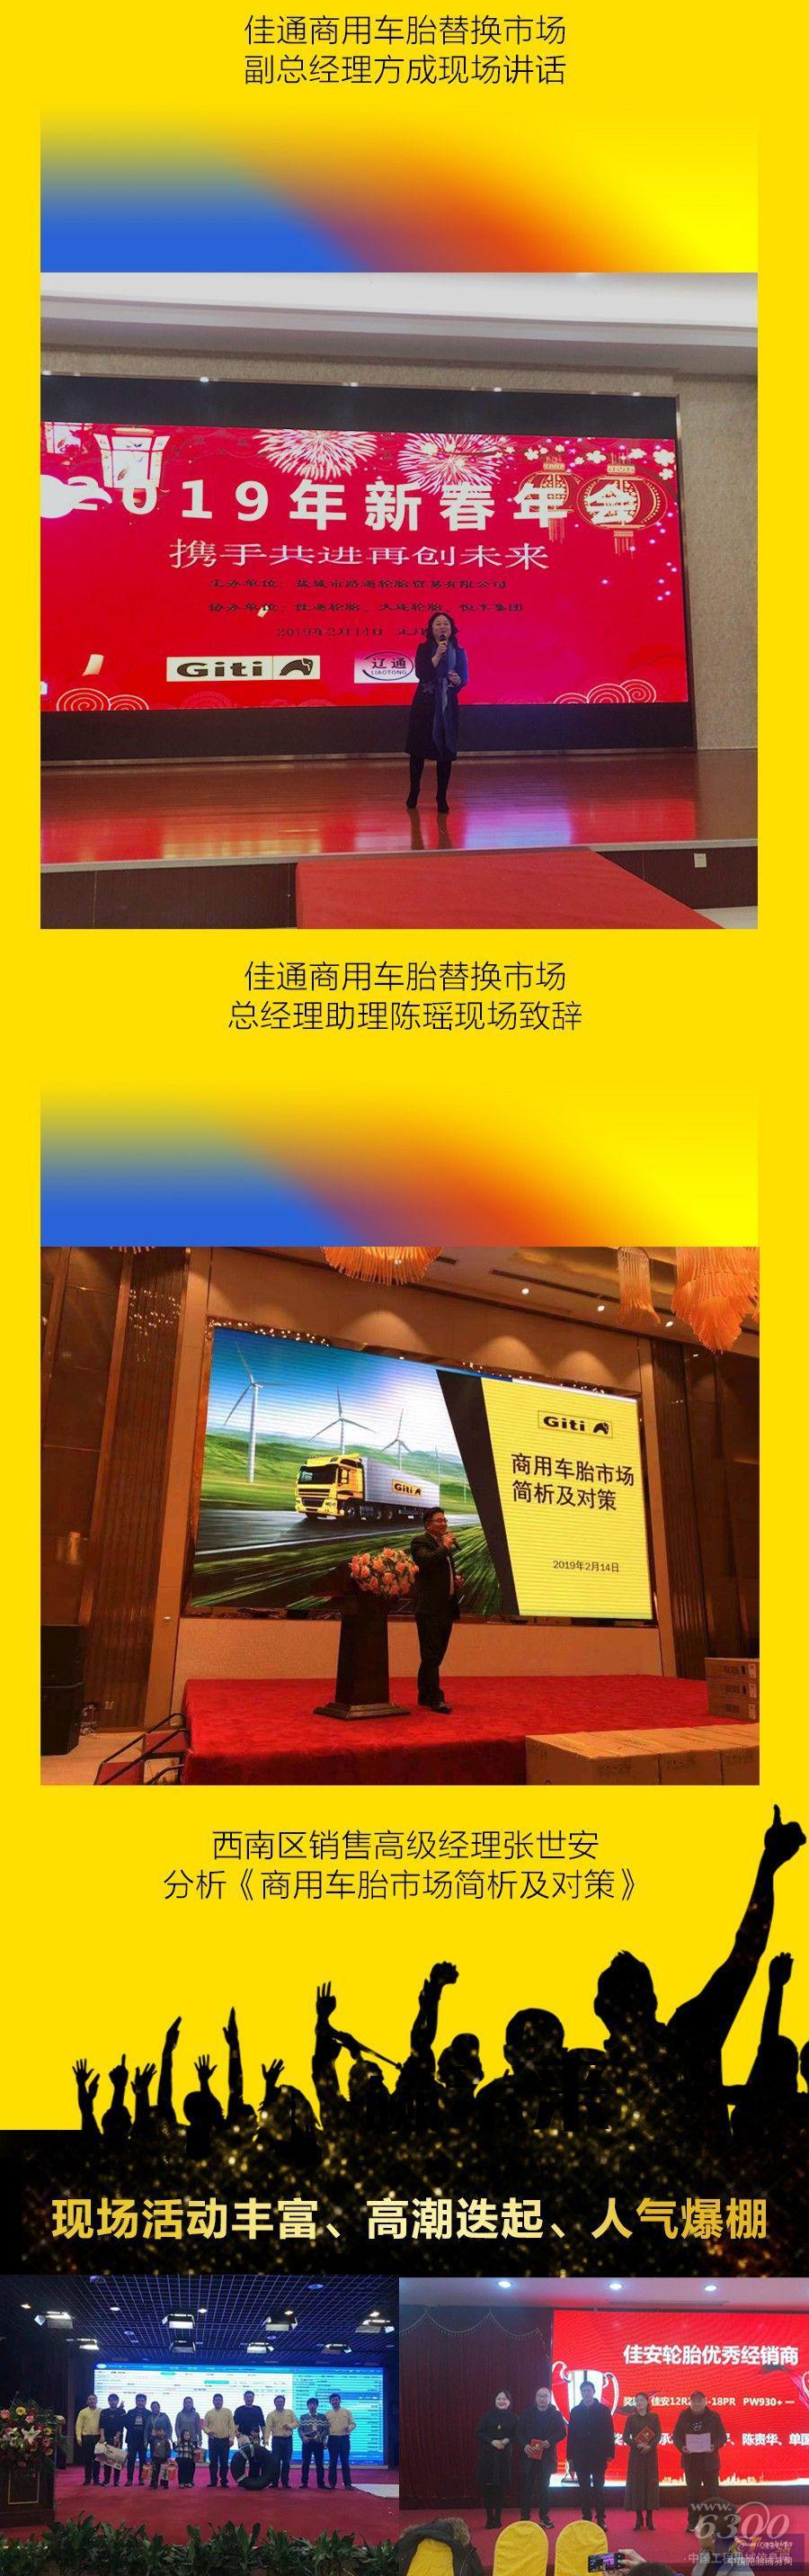 百会捷报 新春启赢 | 佳通商用车胎连开300场零售大会,喜迎开门红!